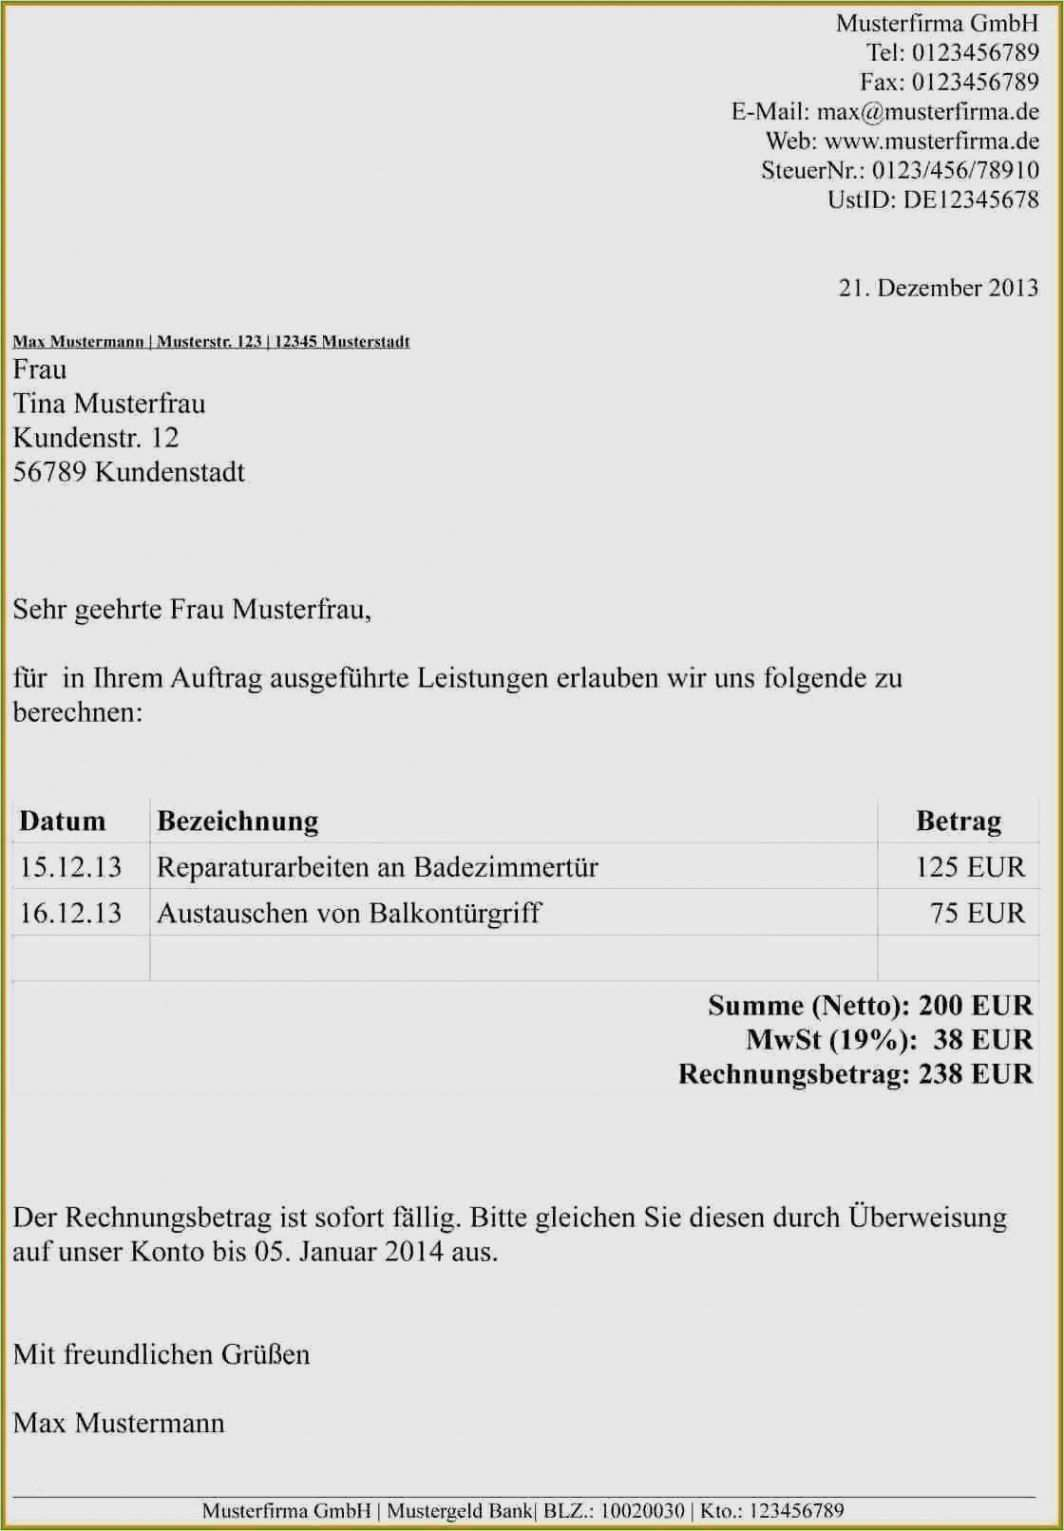 Scrollen Unsere Druckbar Von Rechnung Schreiben Student Vorlage Rechnung Vorlage Vorlagen Word Rechnungsvorlage